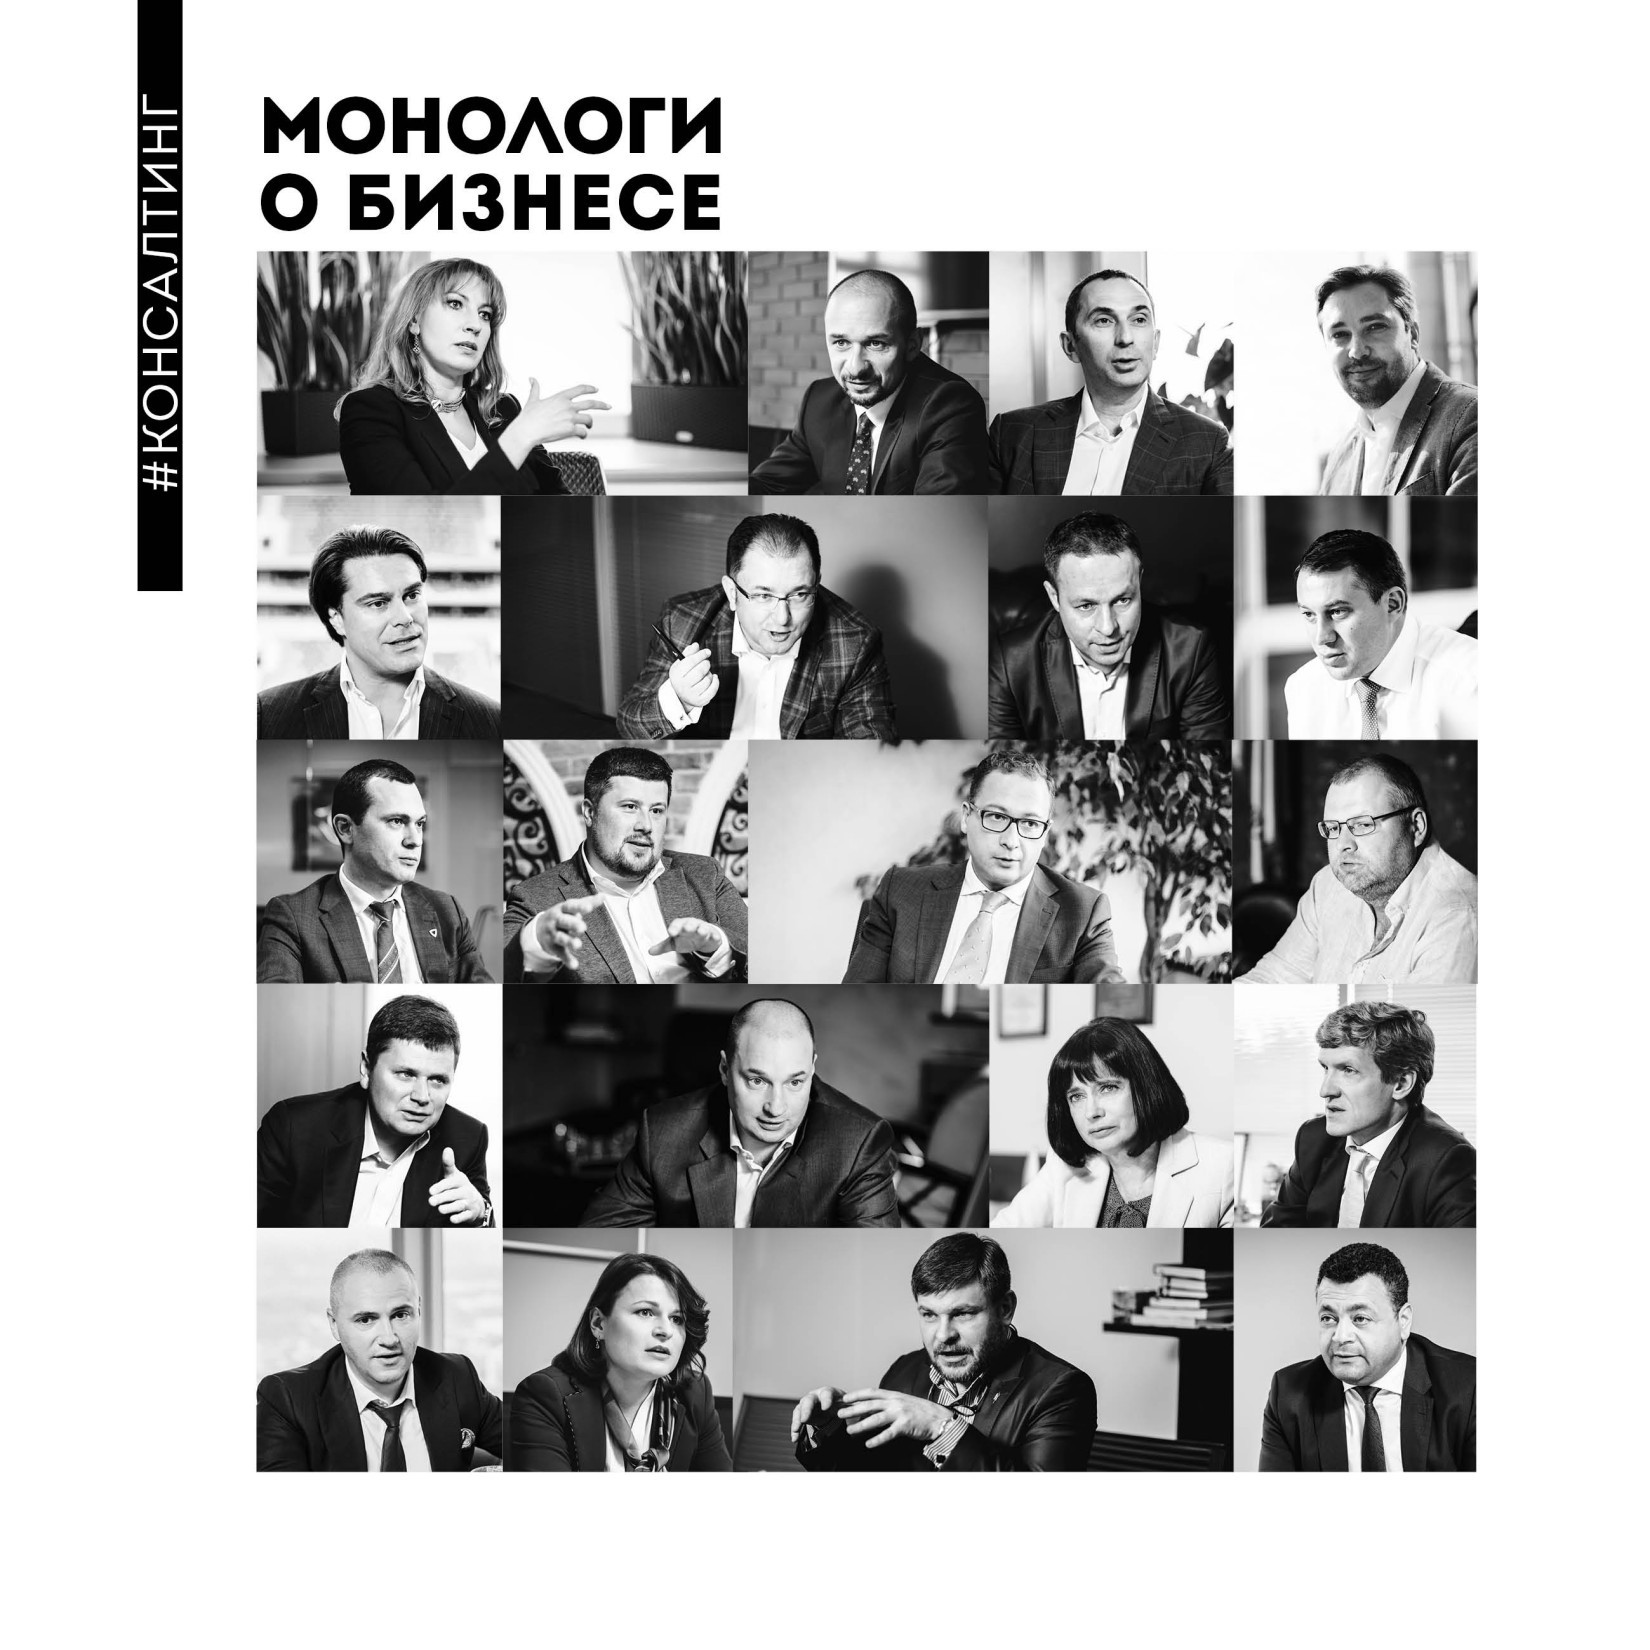 Обложка книги. Автор - Алена Шевченко